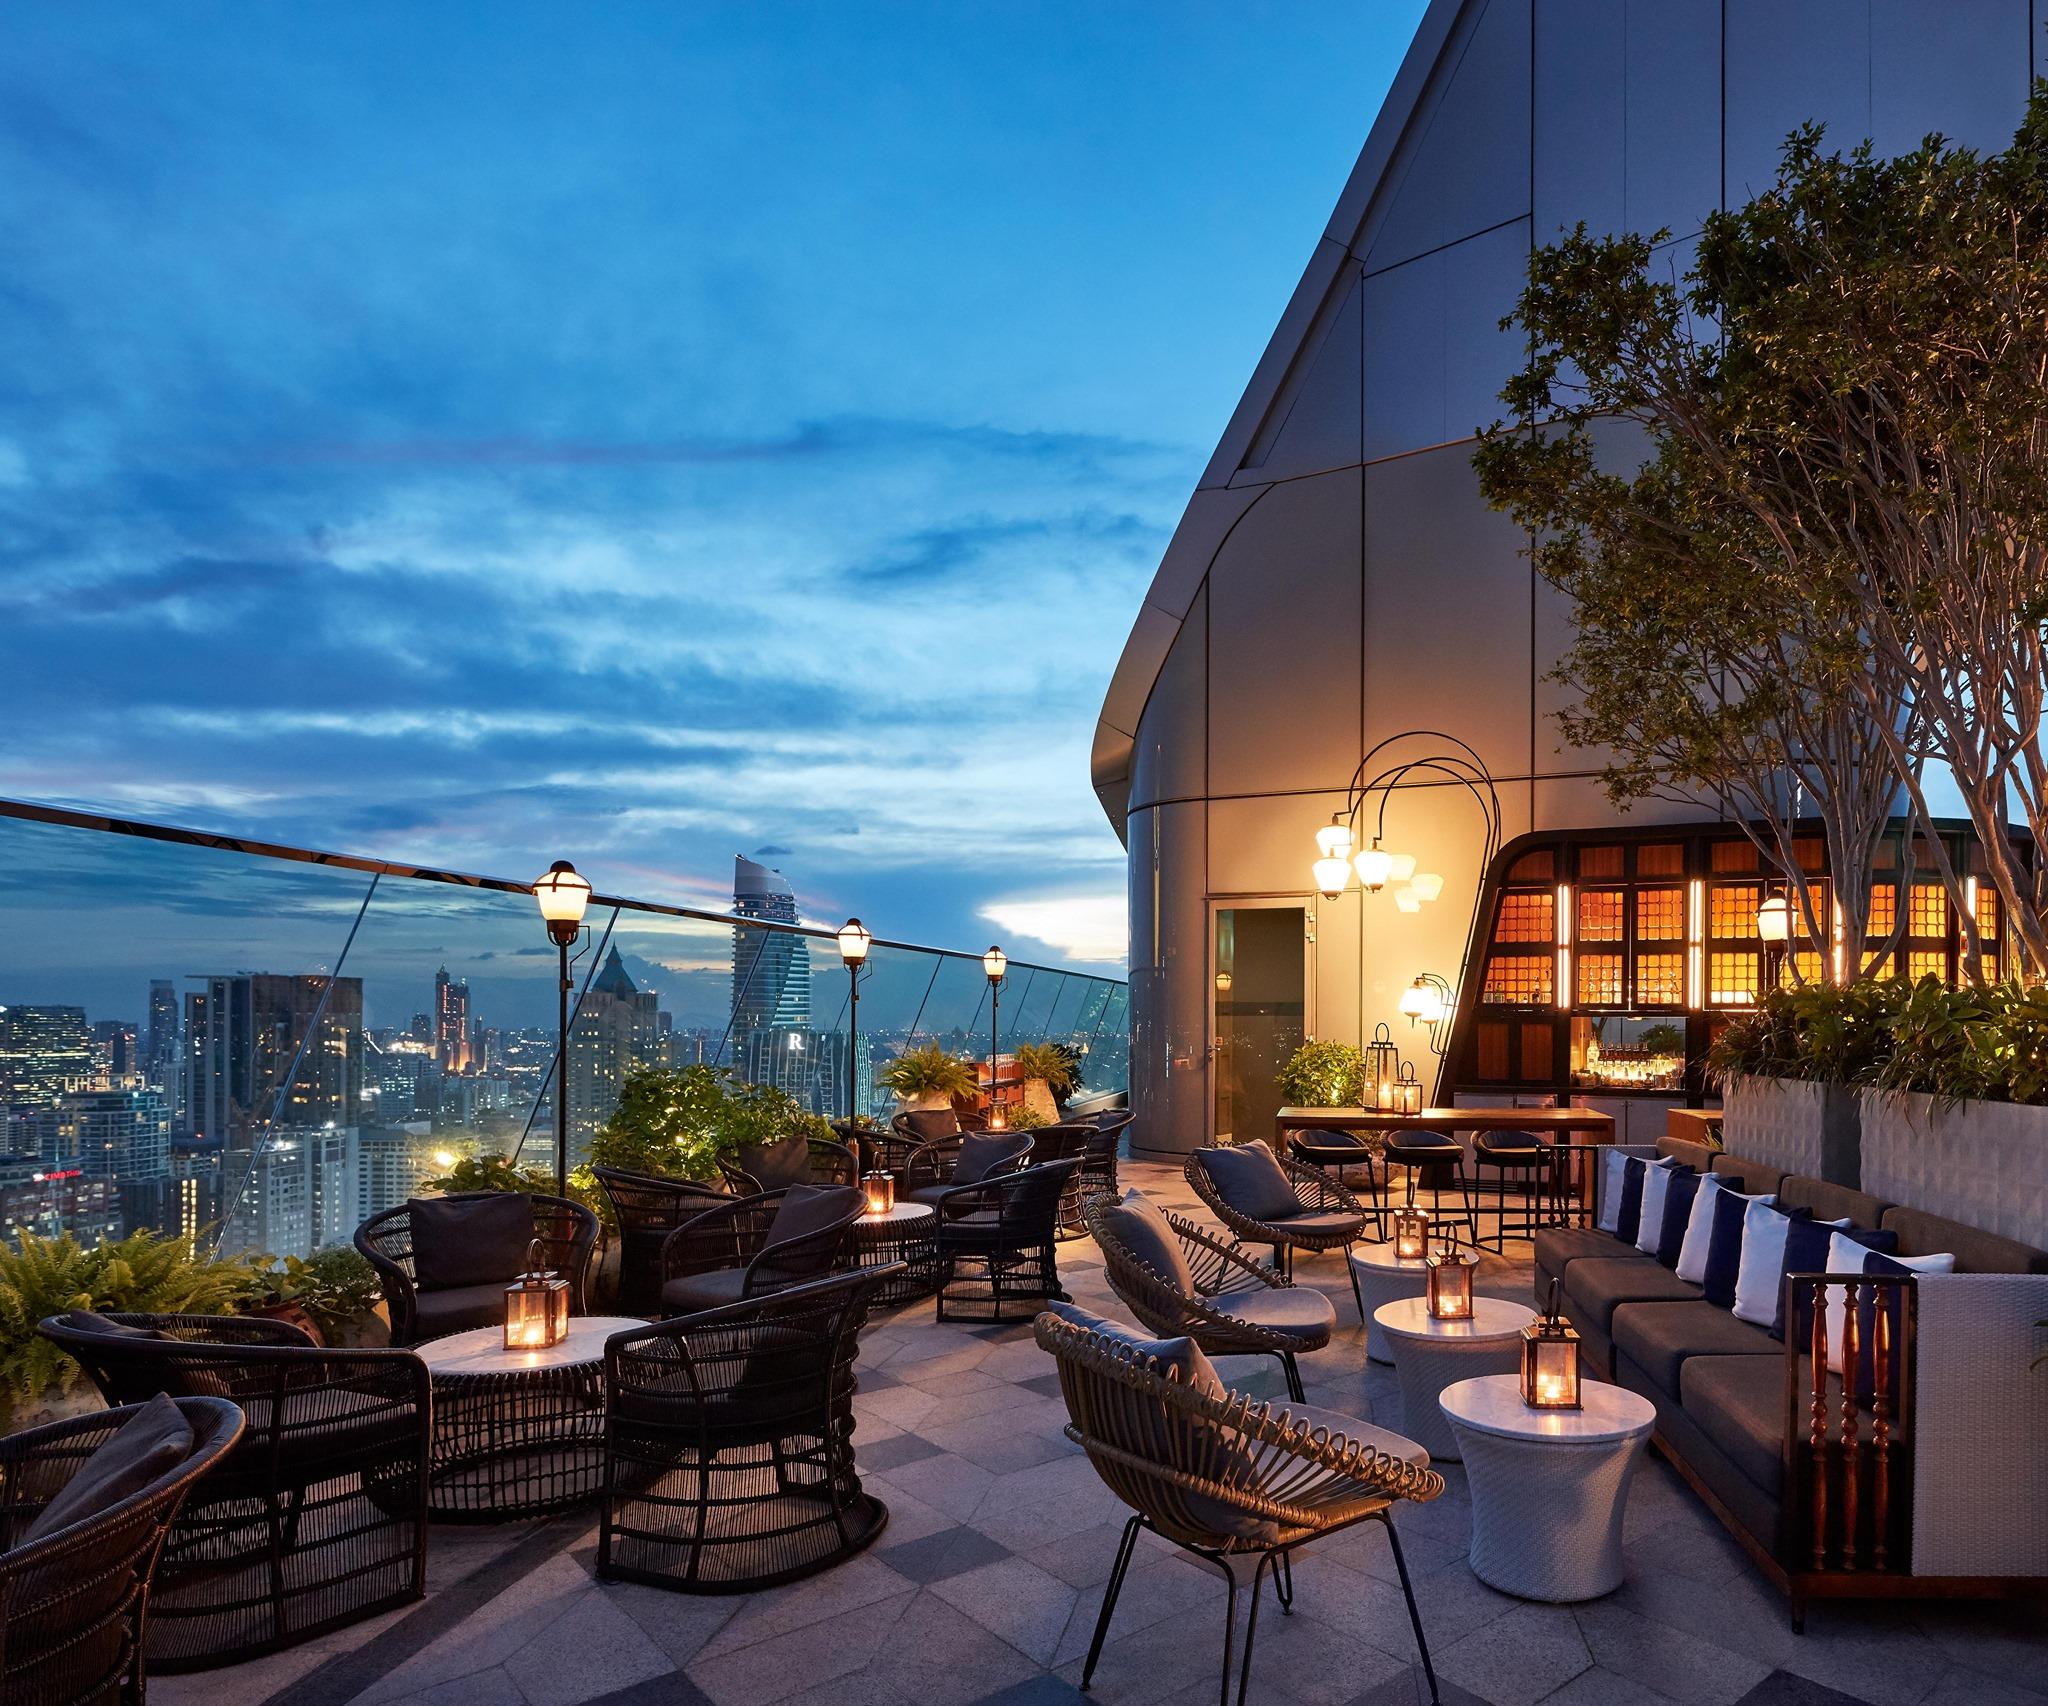 Best Rooftop Bar Bangkok, rooftop bar bangkok, sky bar bangkok, sky bar, bangkok bars, bangkok rooftop places, best rooftop bars in bangkok, top rooftop bars, bangkok best sky bars, sky bars, popular rooftop bars, new rooftop bars bangkok, best speakeasies bangkok, Penthouse Bar, Penthouse Grill, Penthouse rooftop bar,